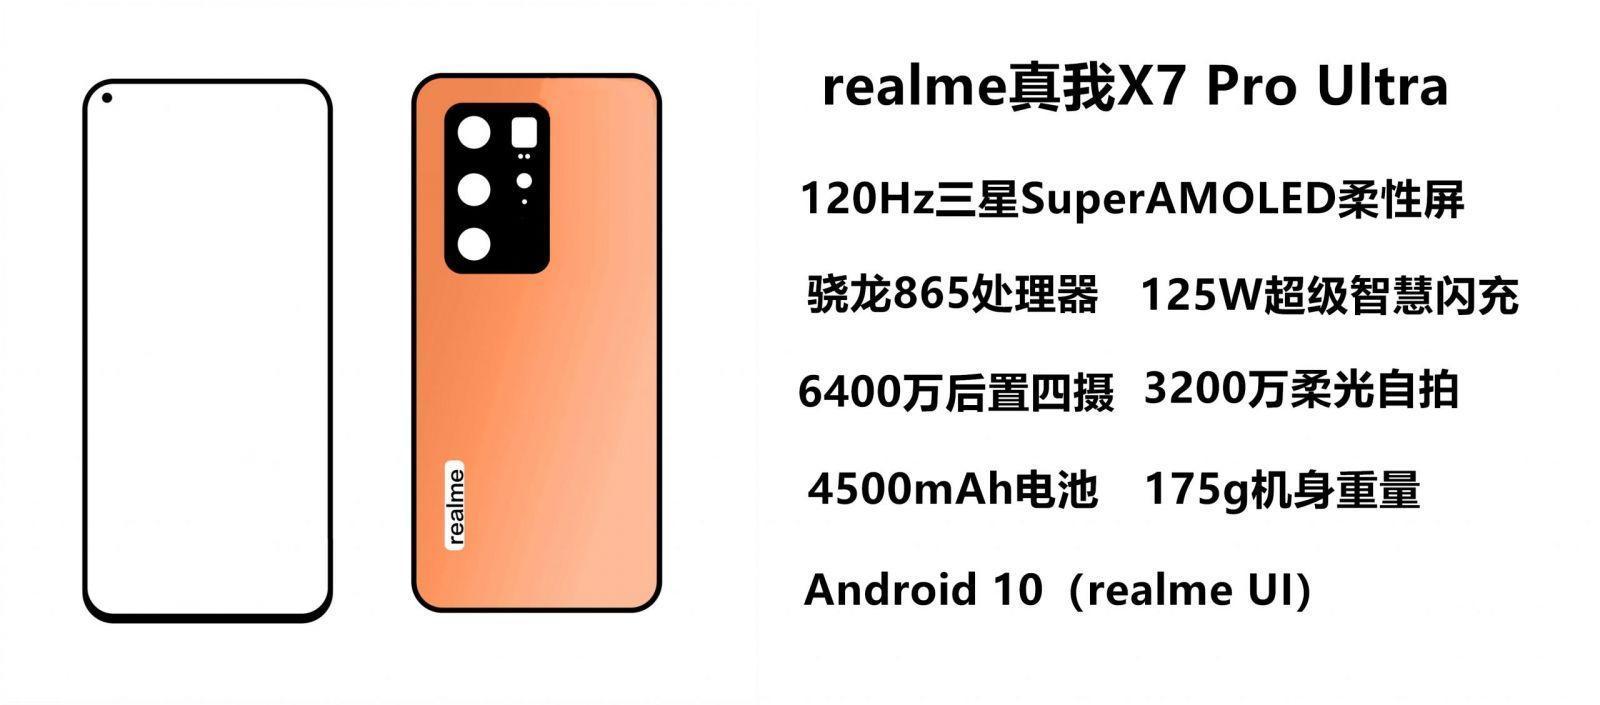 В сеть утекли изображения и характеристики смартфона Realme X7 Pro Ultra (realme x7 pro ultra leak scaled)